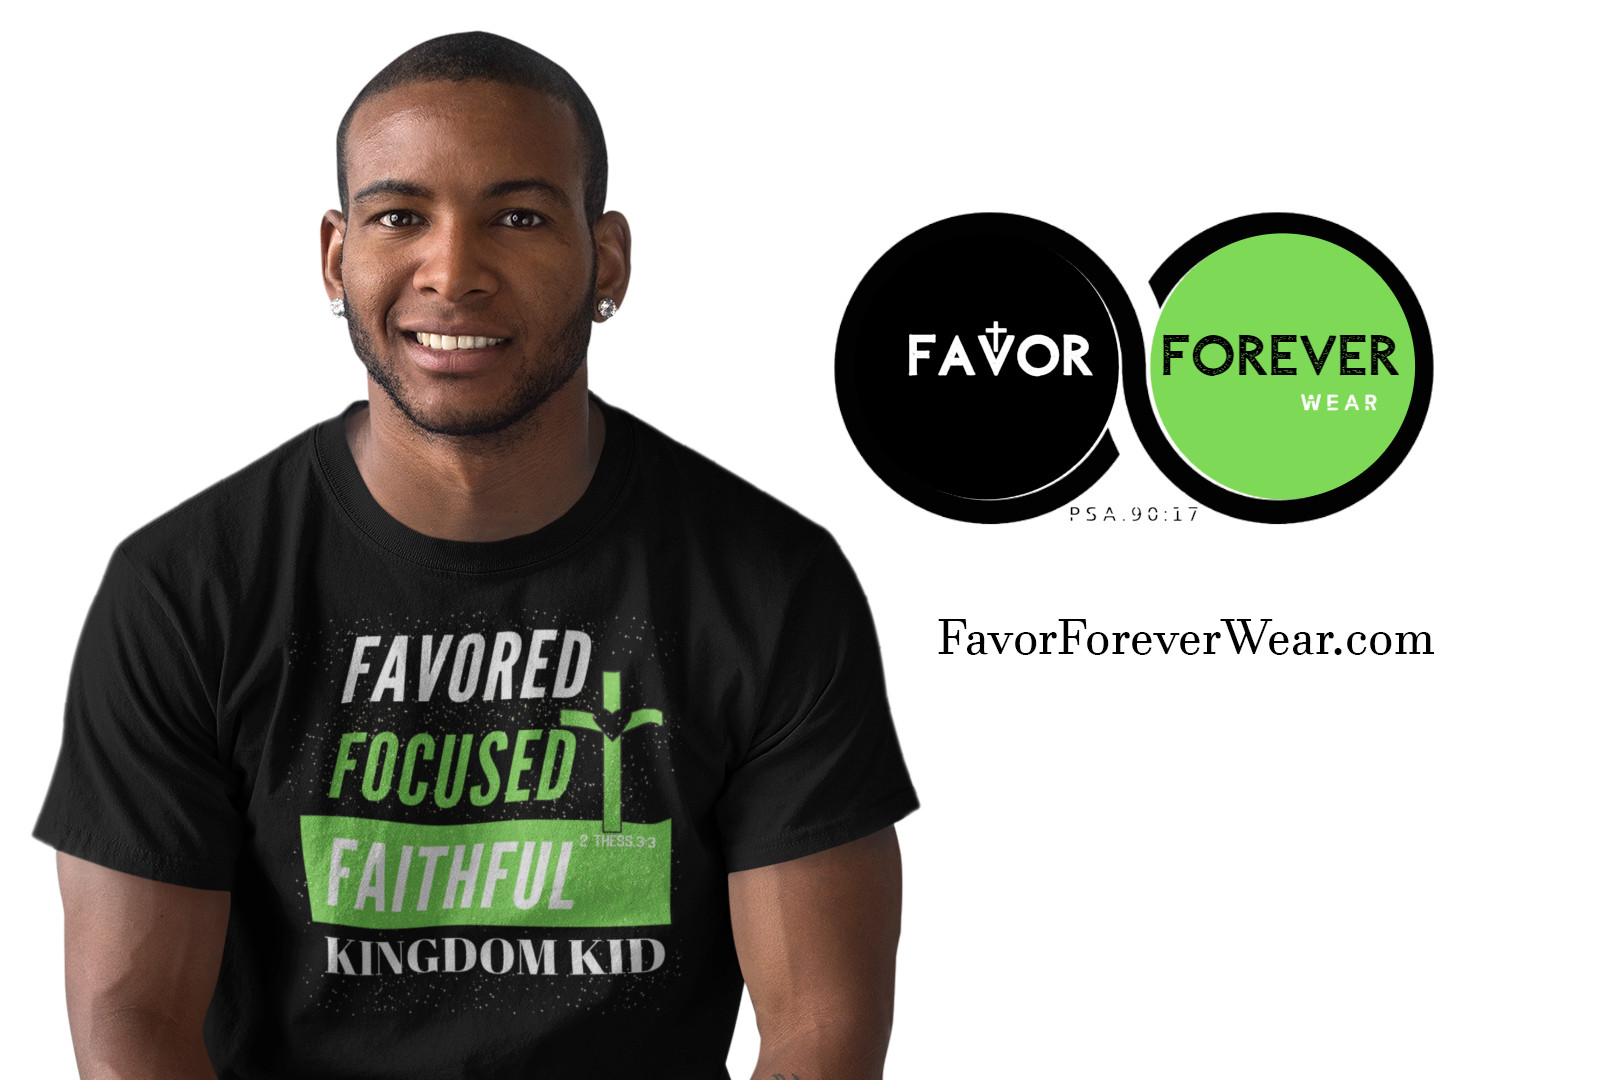 Social Share - V1 - Favor Forever Wear.j